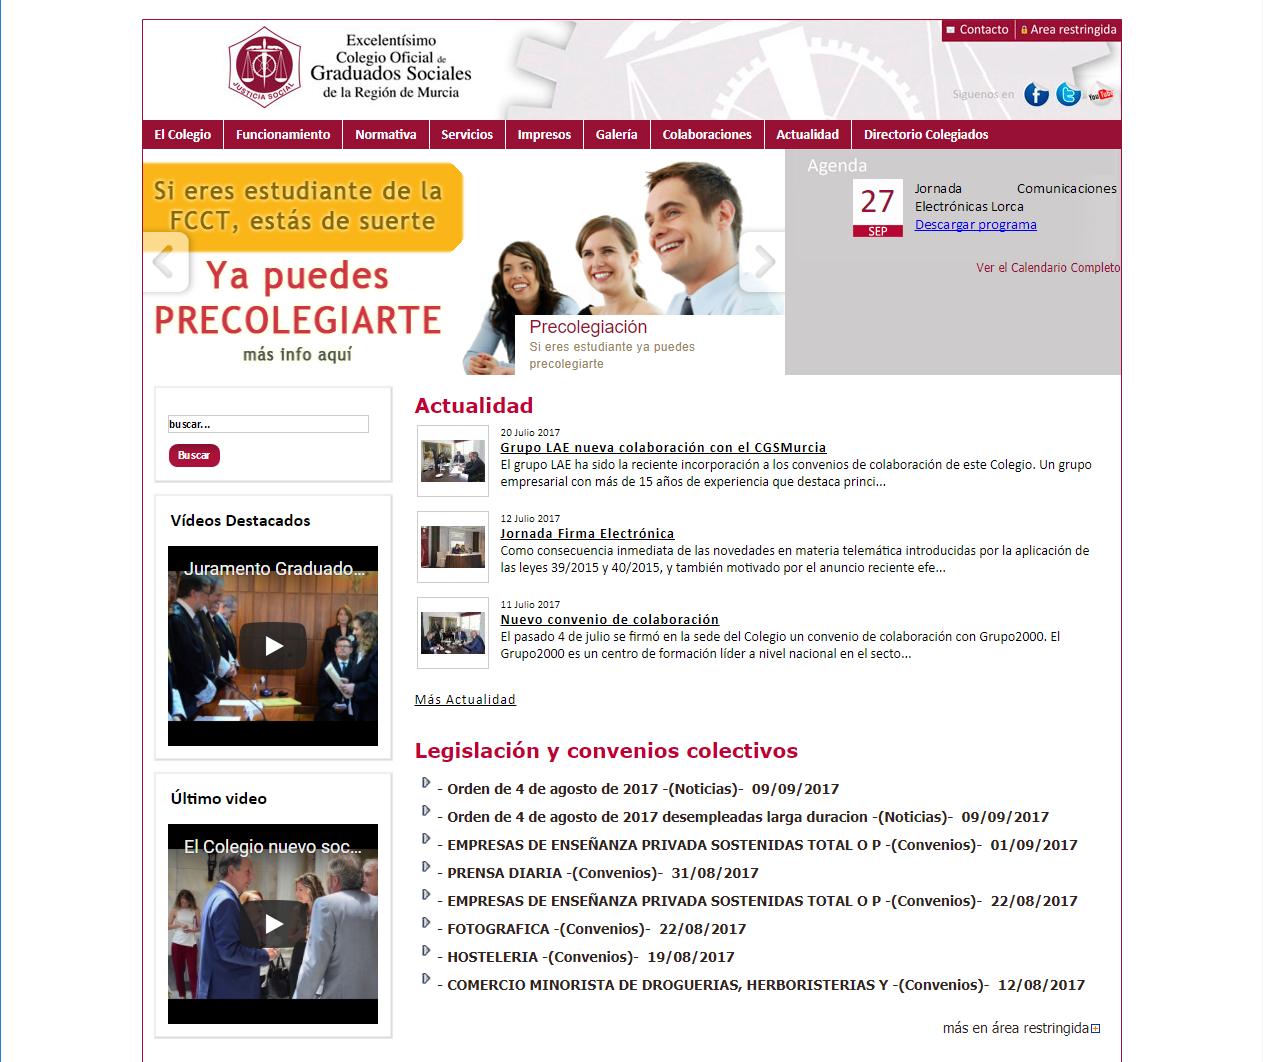 Colegio de Graduados Sociales de la Región de Murcia